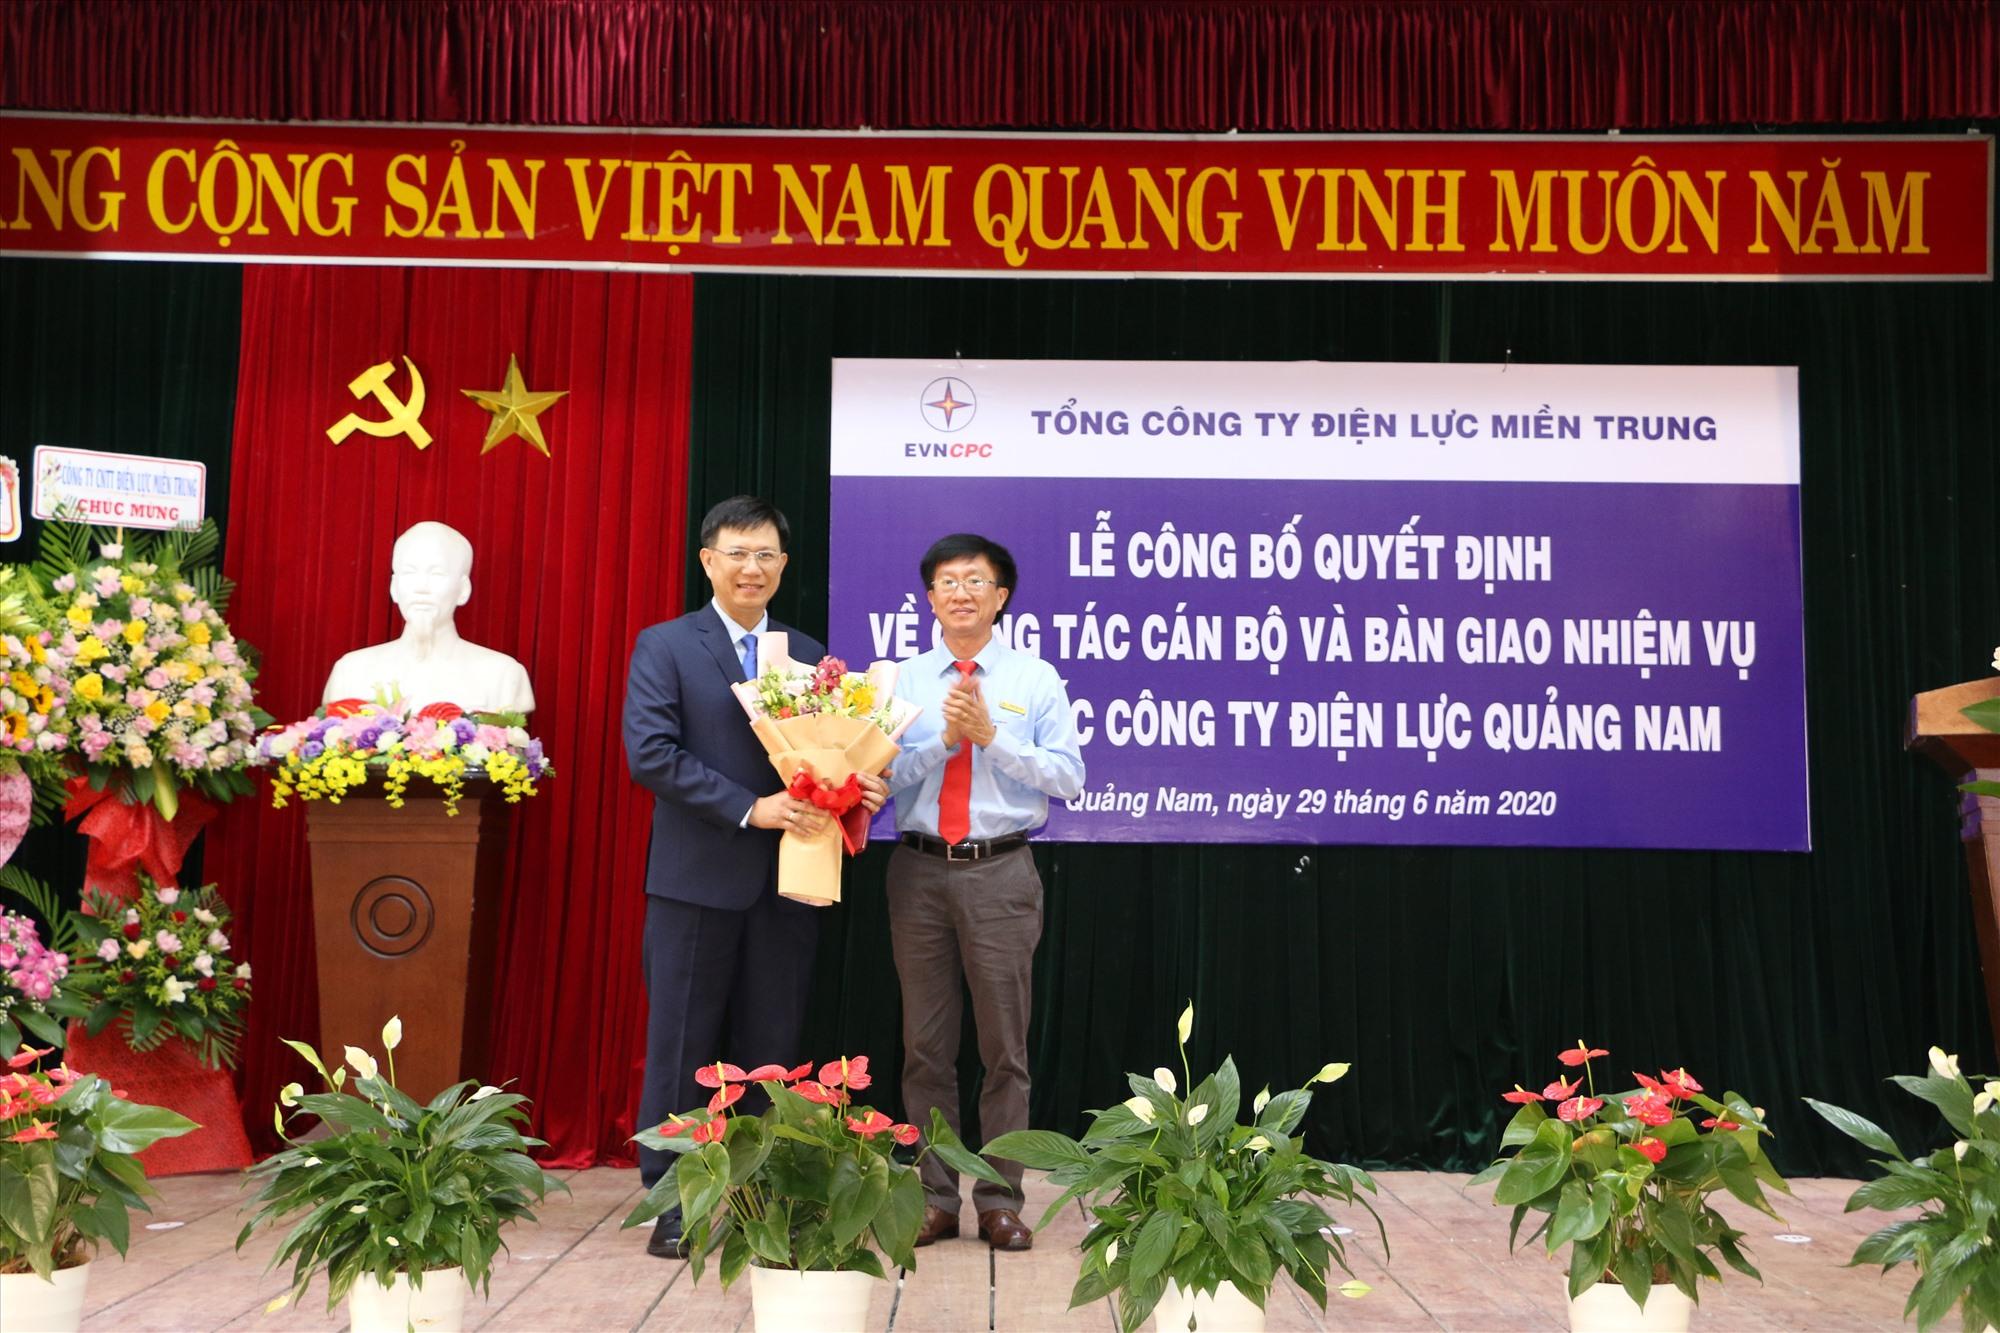 Bí thư Đảng ủy, Chủ tịch HĐTV EVNCPC Trương Thiết Hùng (phải) trao quyết định và tặng hoa cho tân Giám đốc PC Quảng Nam Nguyễn Hữu Khánh.